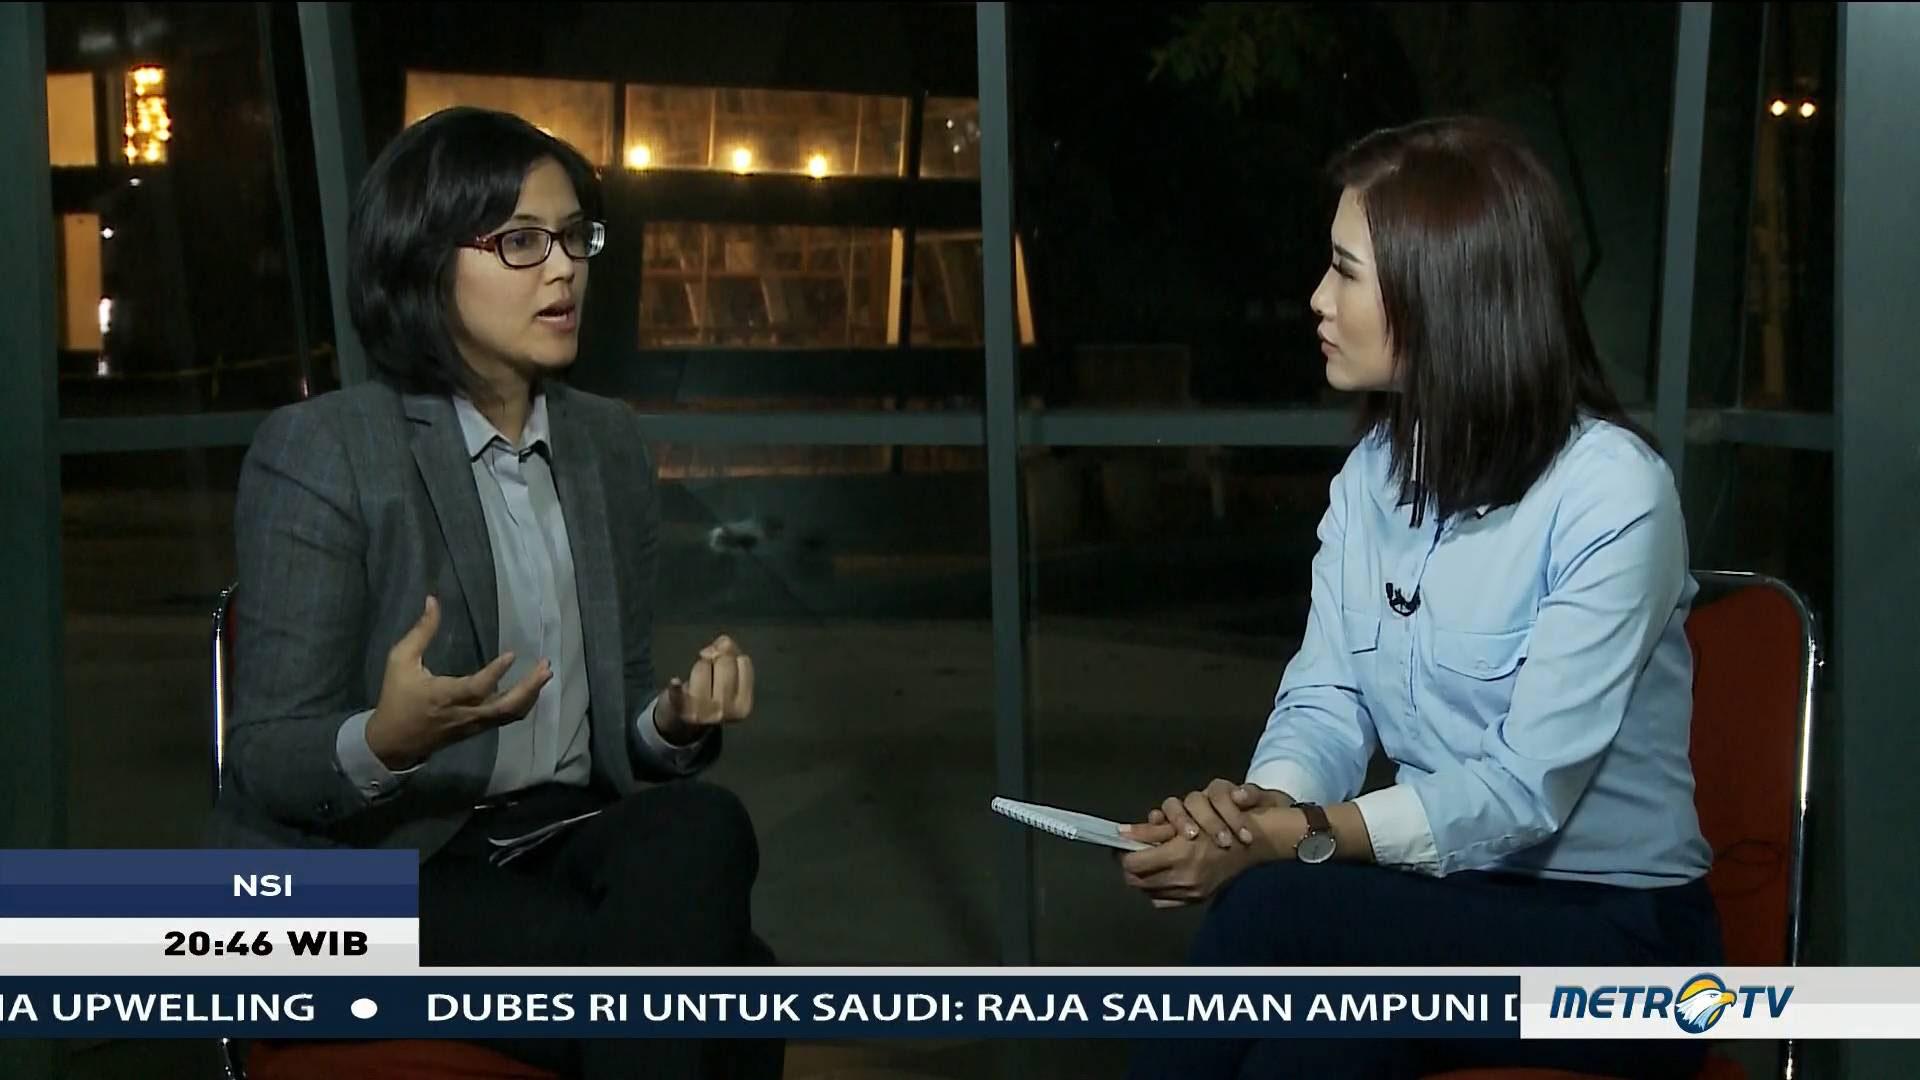 Frekuensi siaran MetroTV HD di satelit Telkom 4 Terbaru